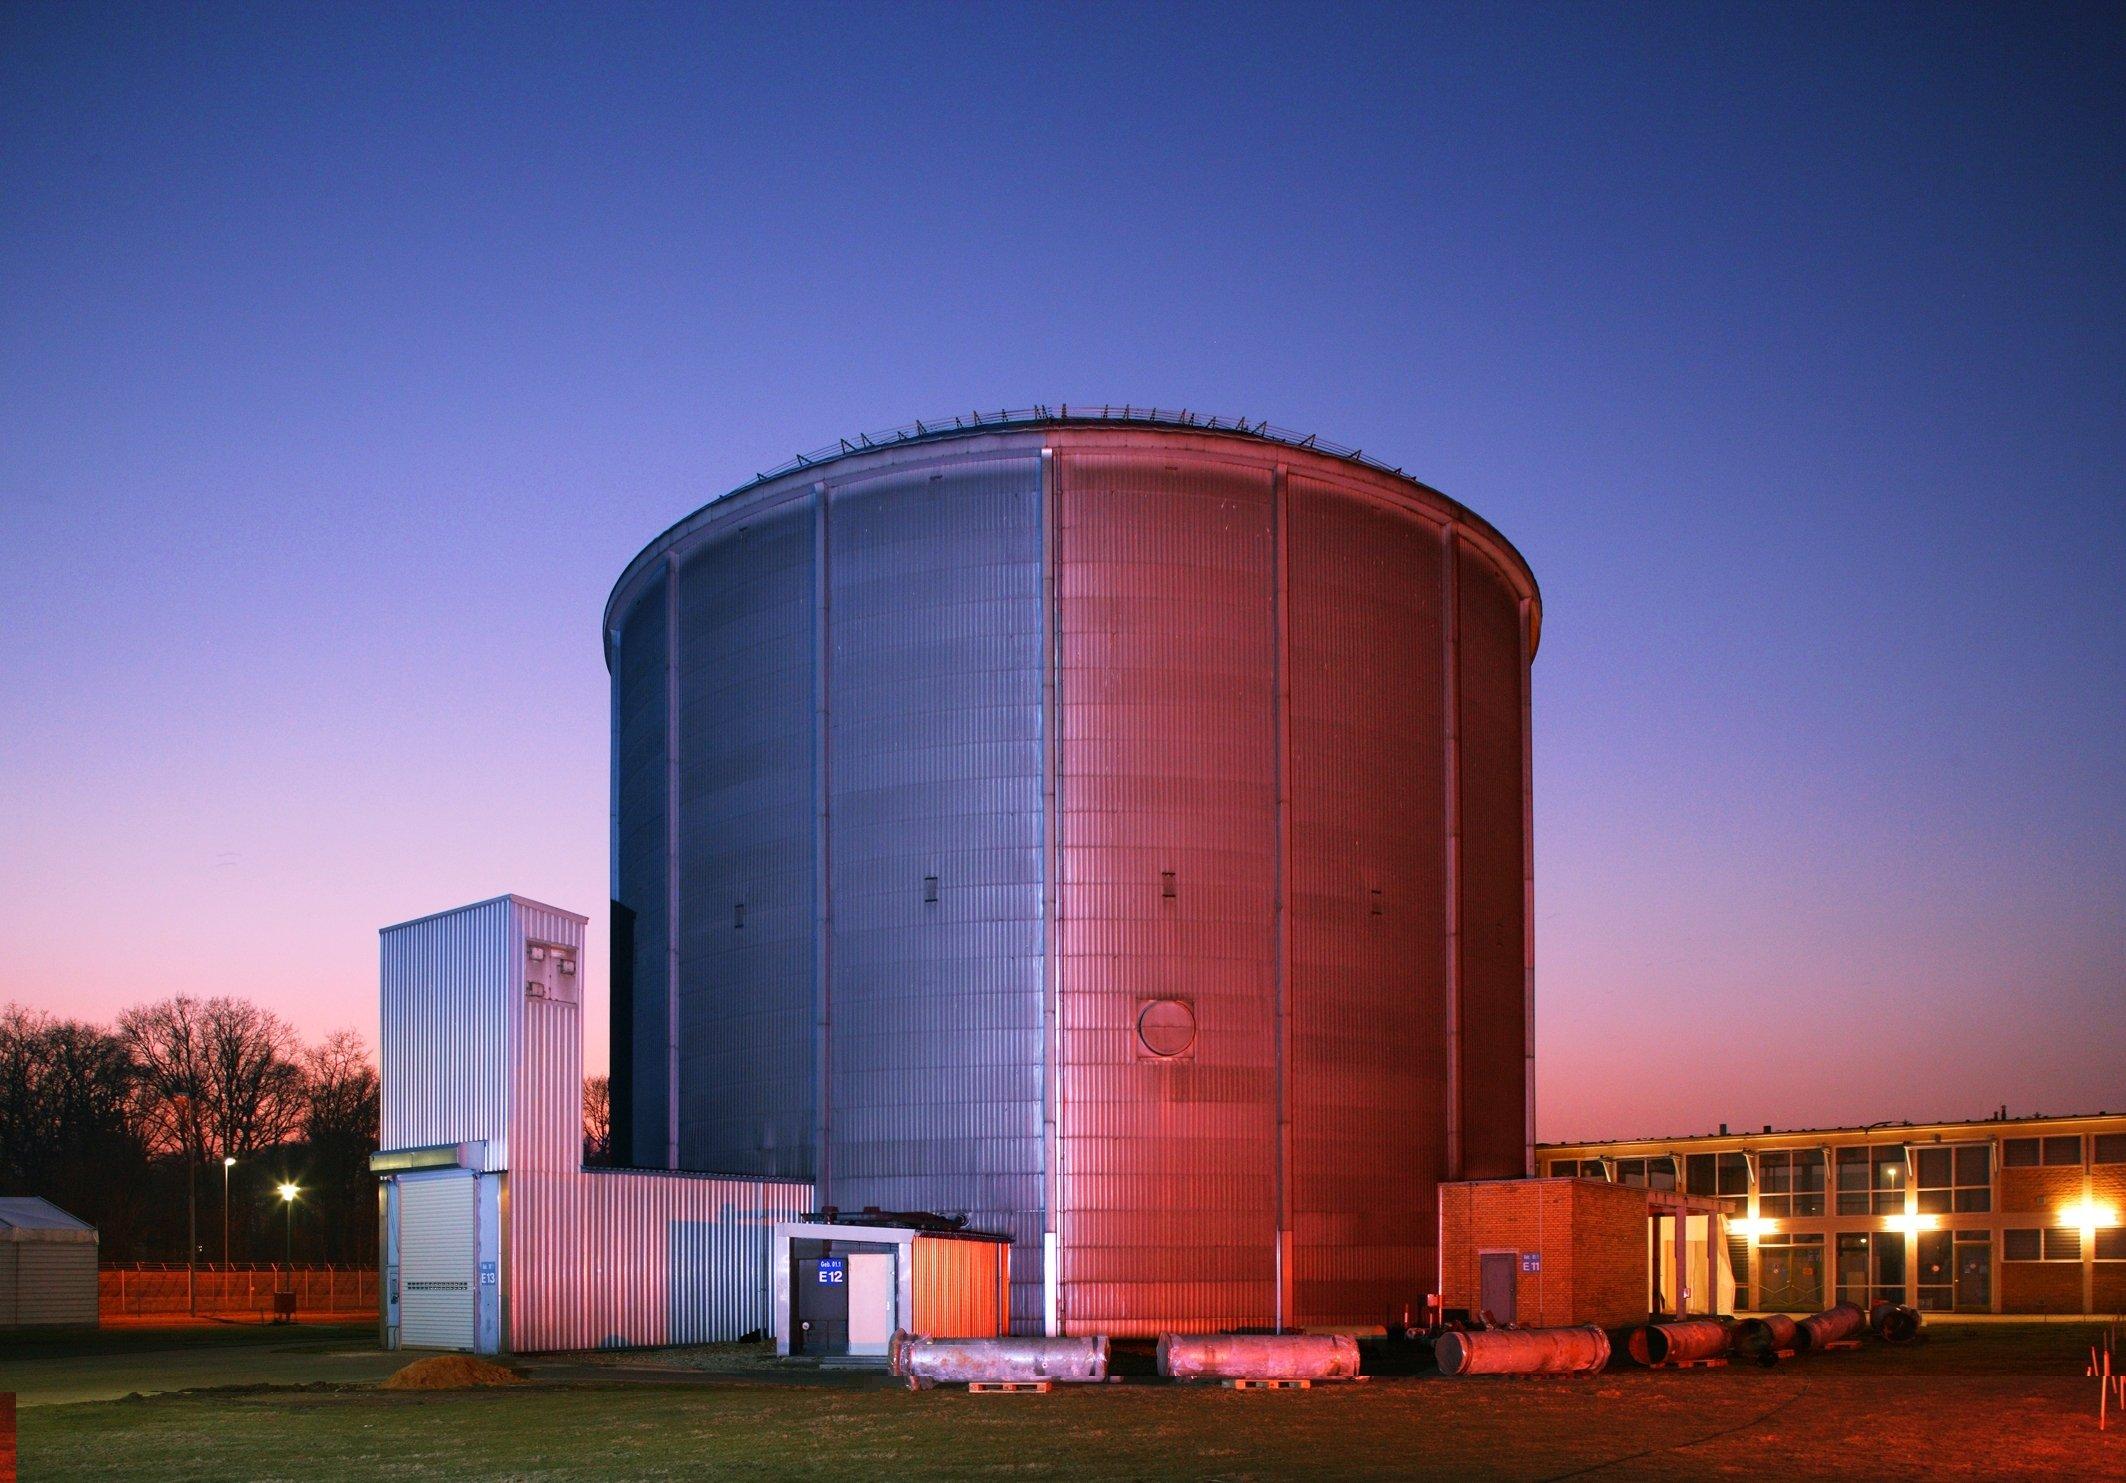 Der Forschungsreaktor FRJ-1 (MERLIN) wurde 1962 in Betrieb genommen und diente für Bestrahlungsexperimente insbesondere im Bereich der Materialforschung. Der Reaktor wurde nach 23 Betriebsjahren 1985 endgültig abgeschaltet.